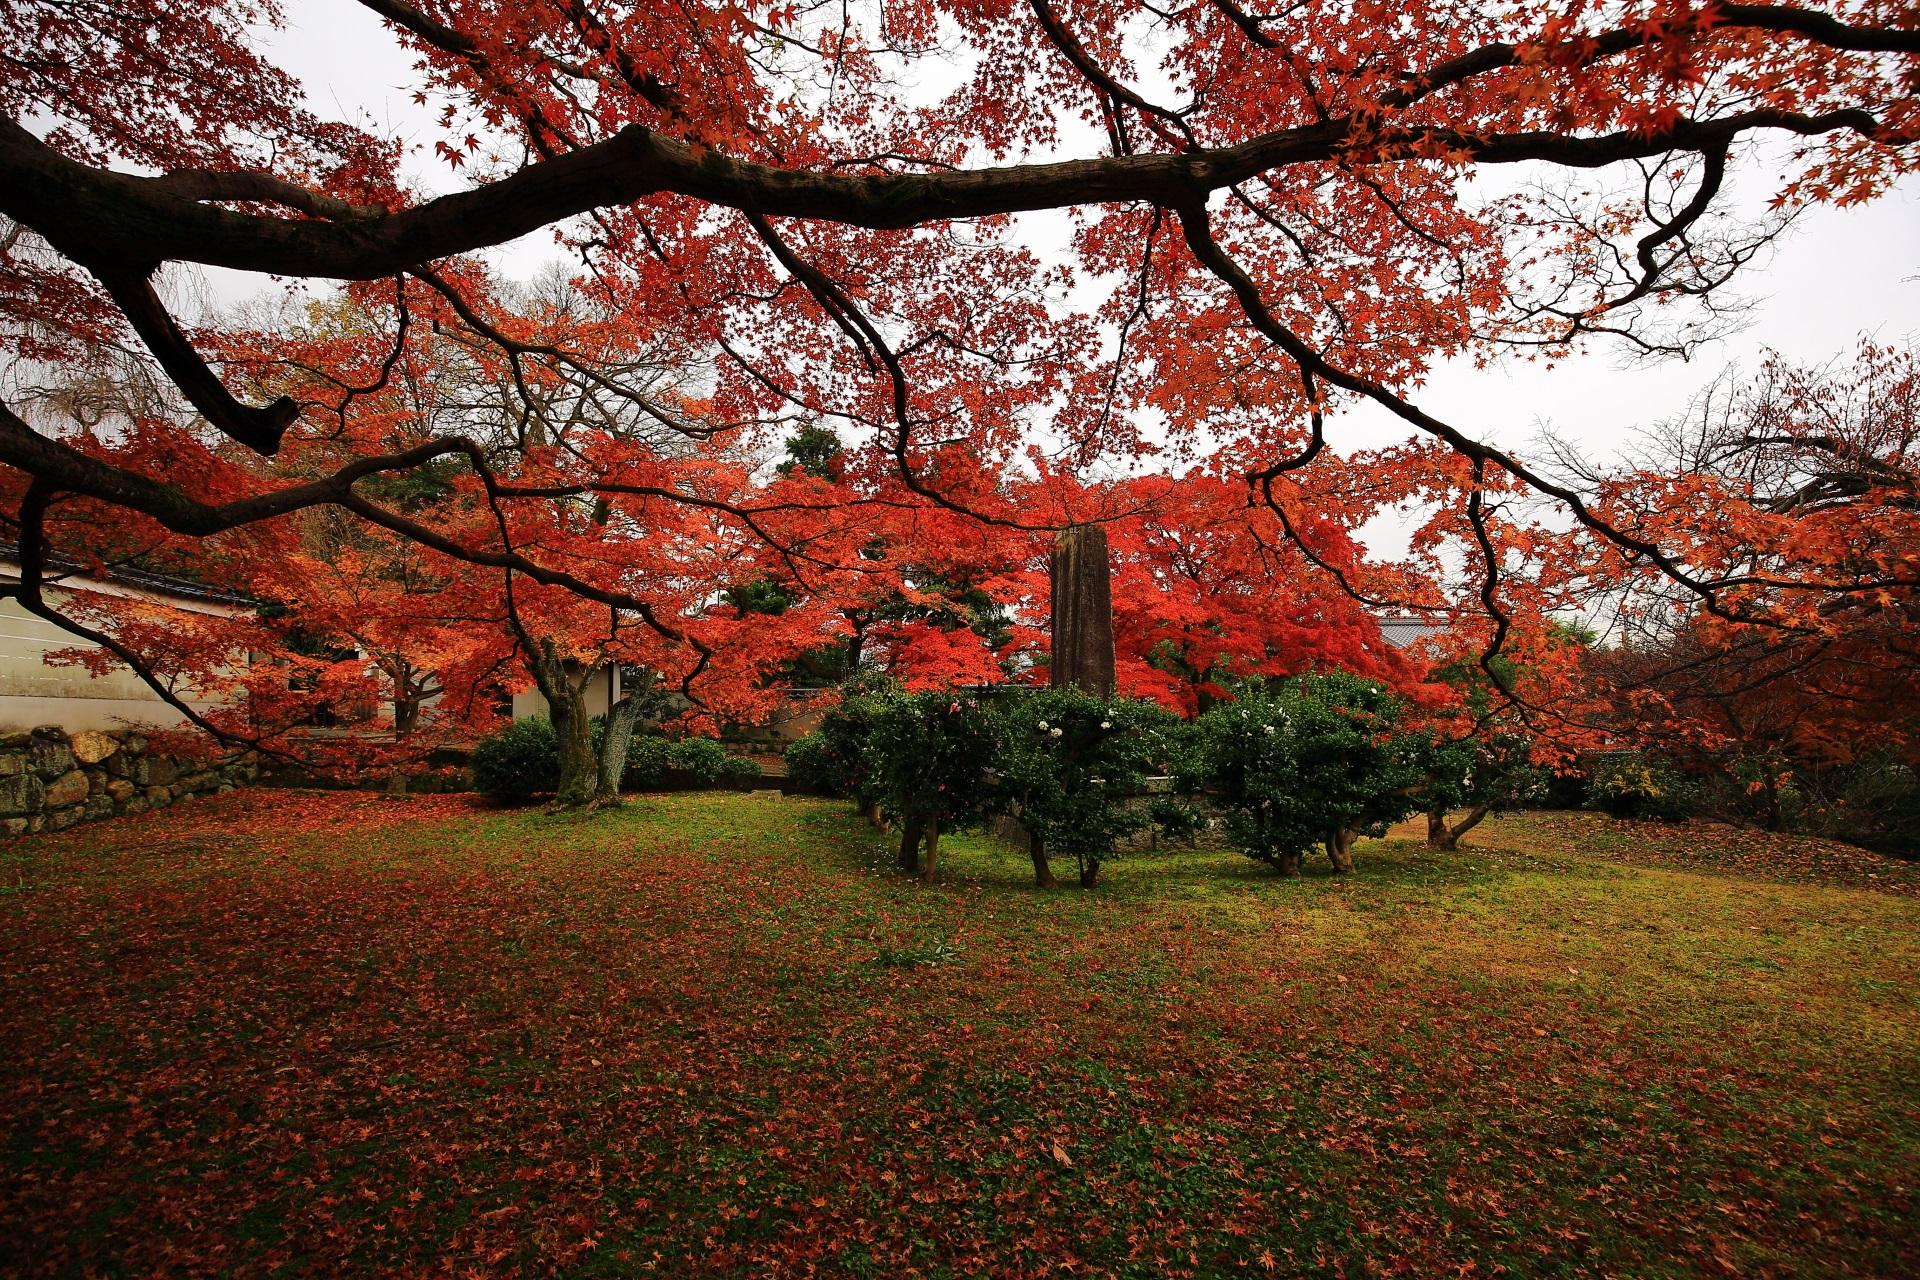 鮮やかな紅葉と散りもみじに染まる庭園と山茶花の木